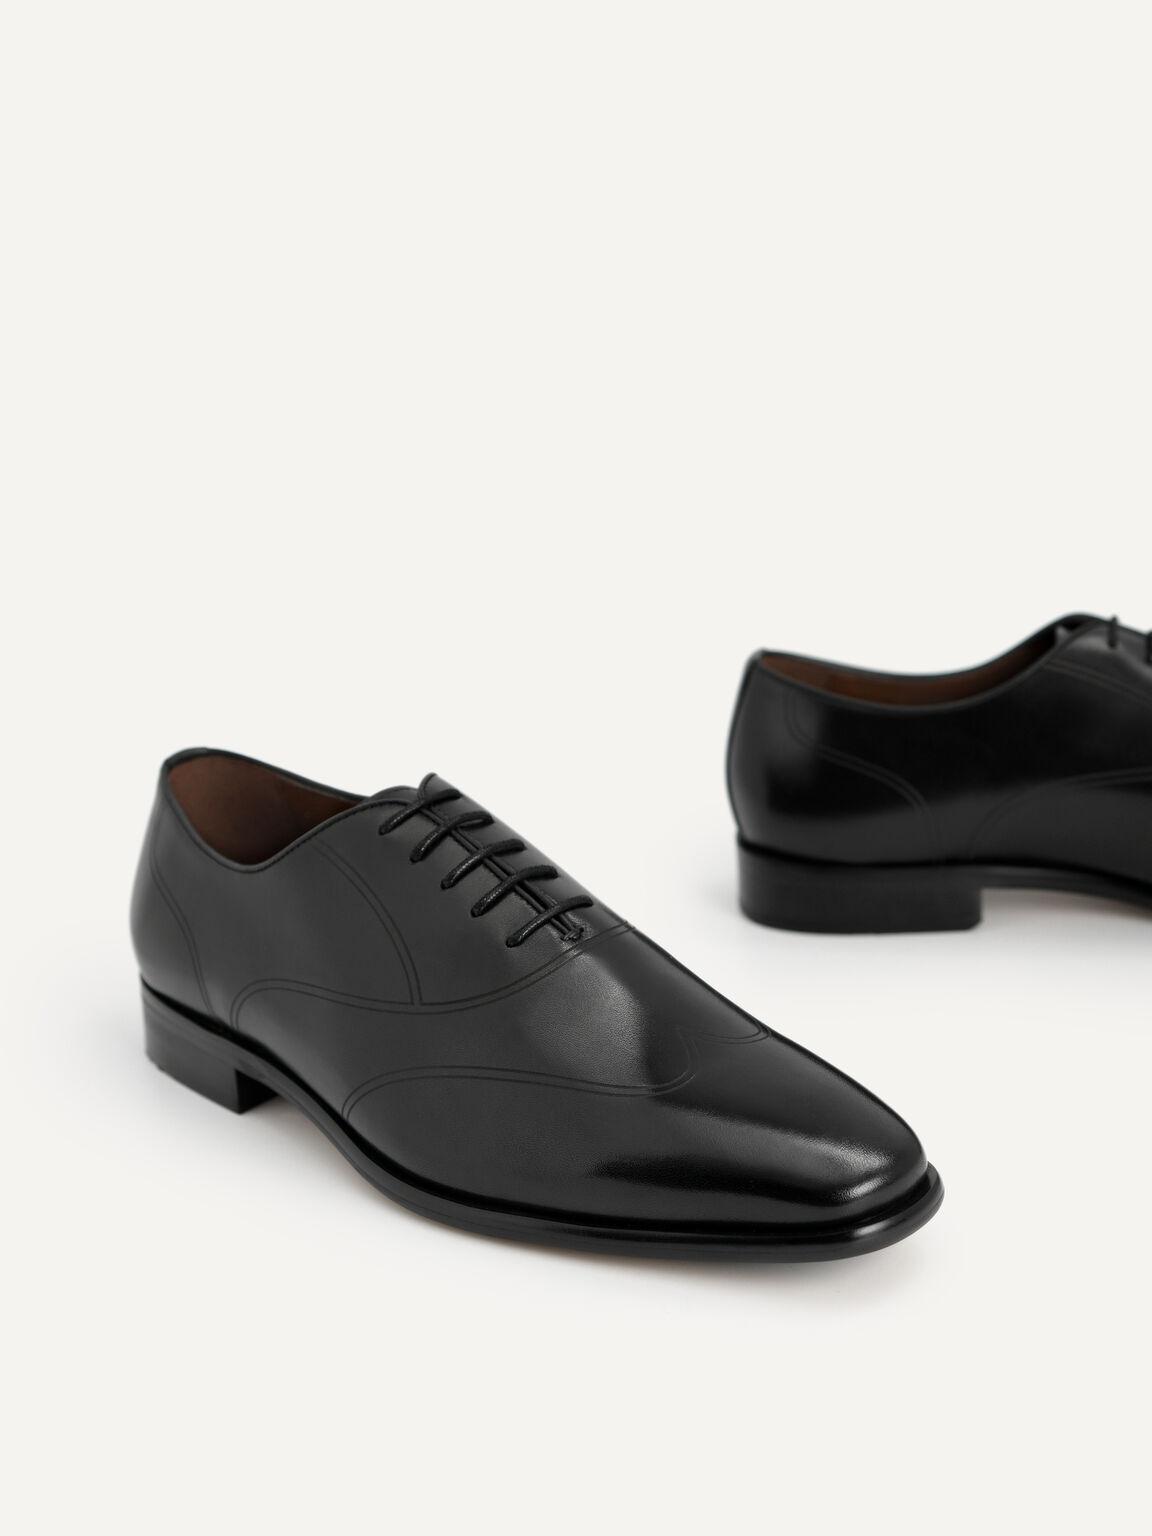 拋光皮革德比鞋, 黑色, hi-res